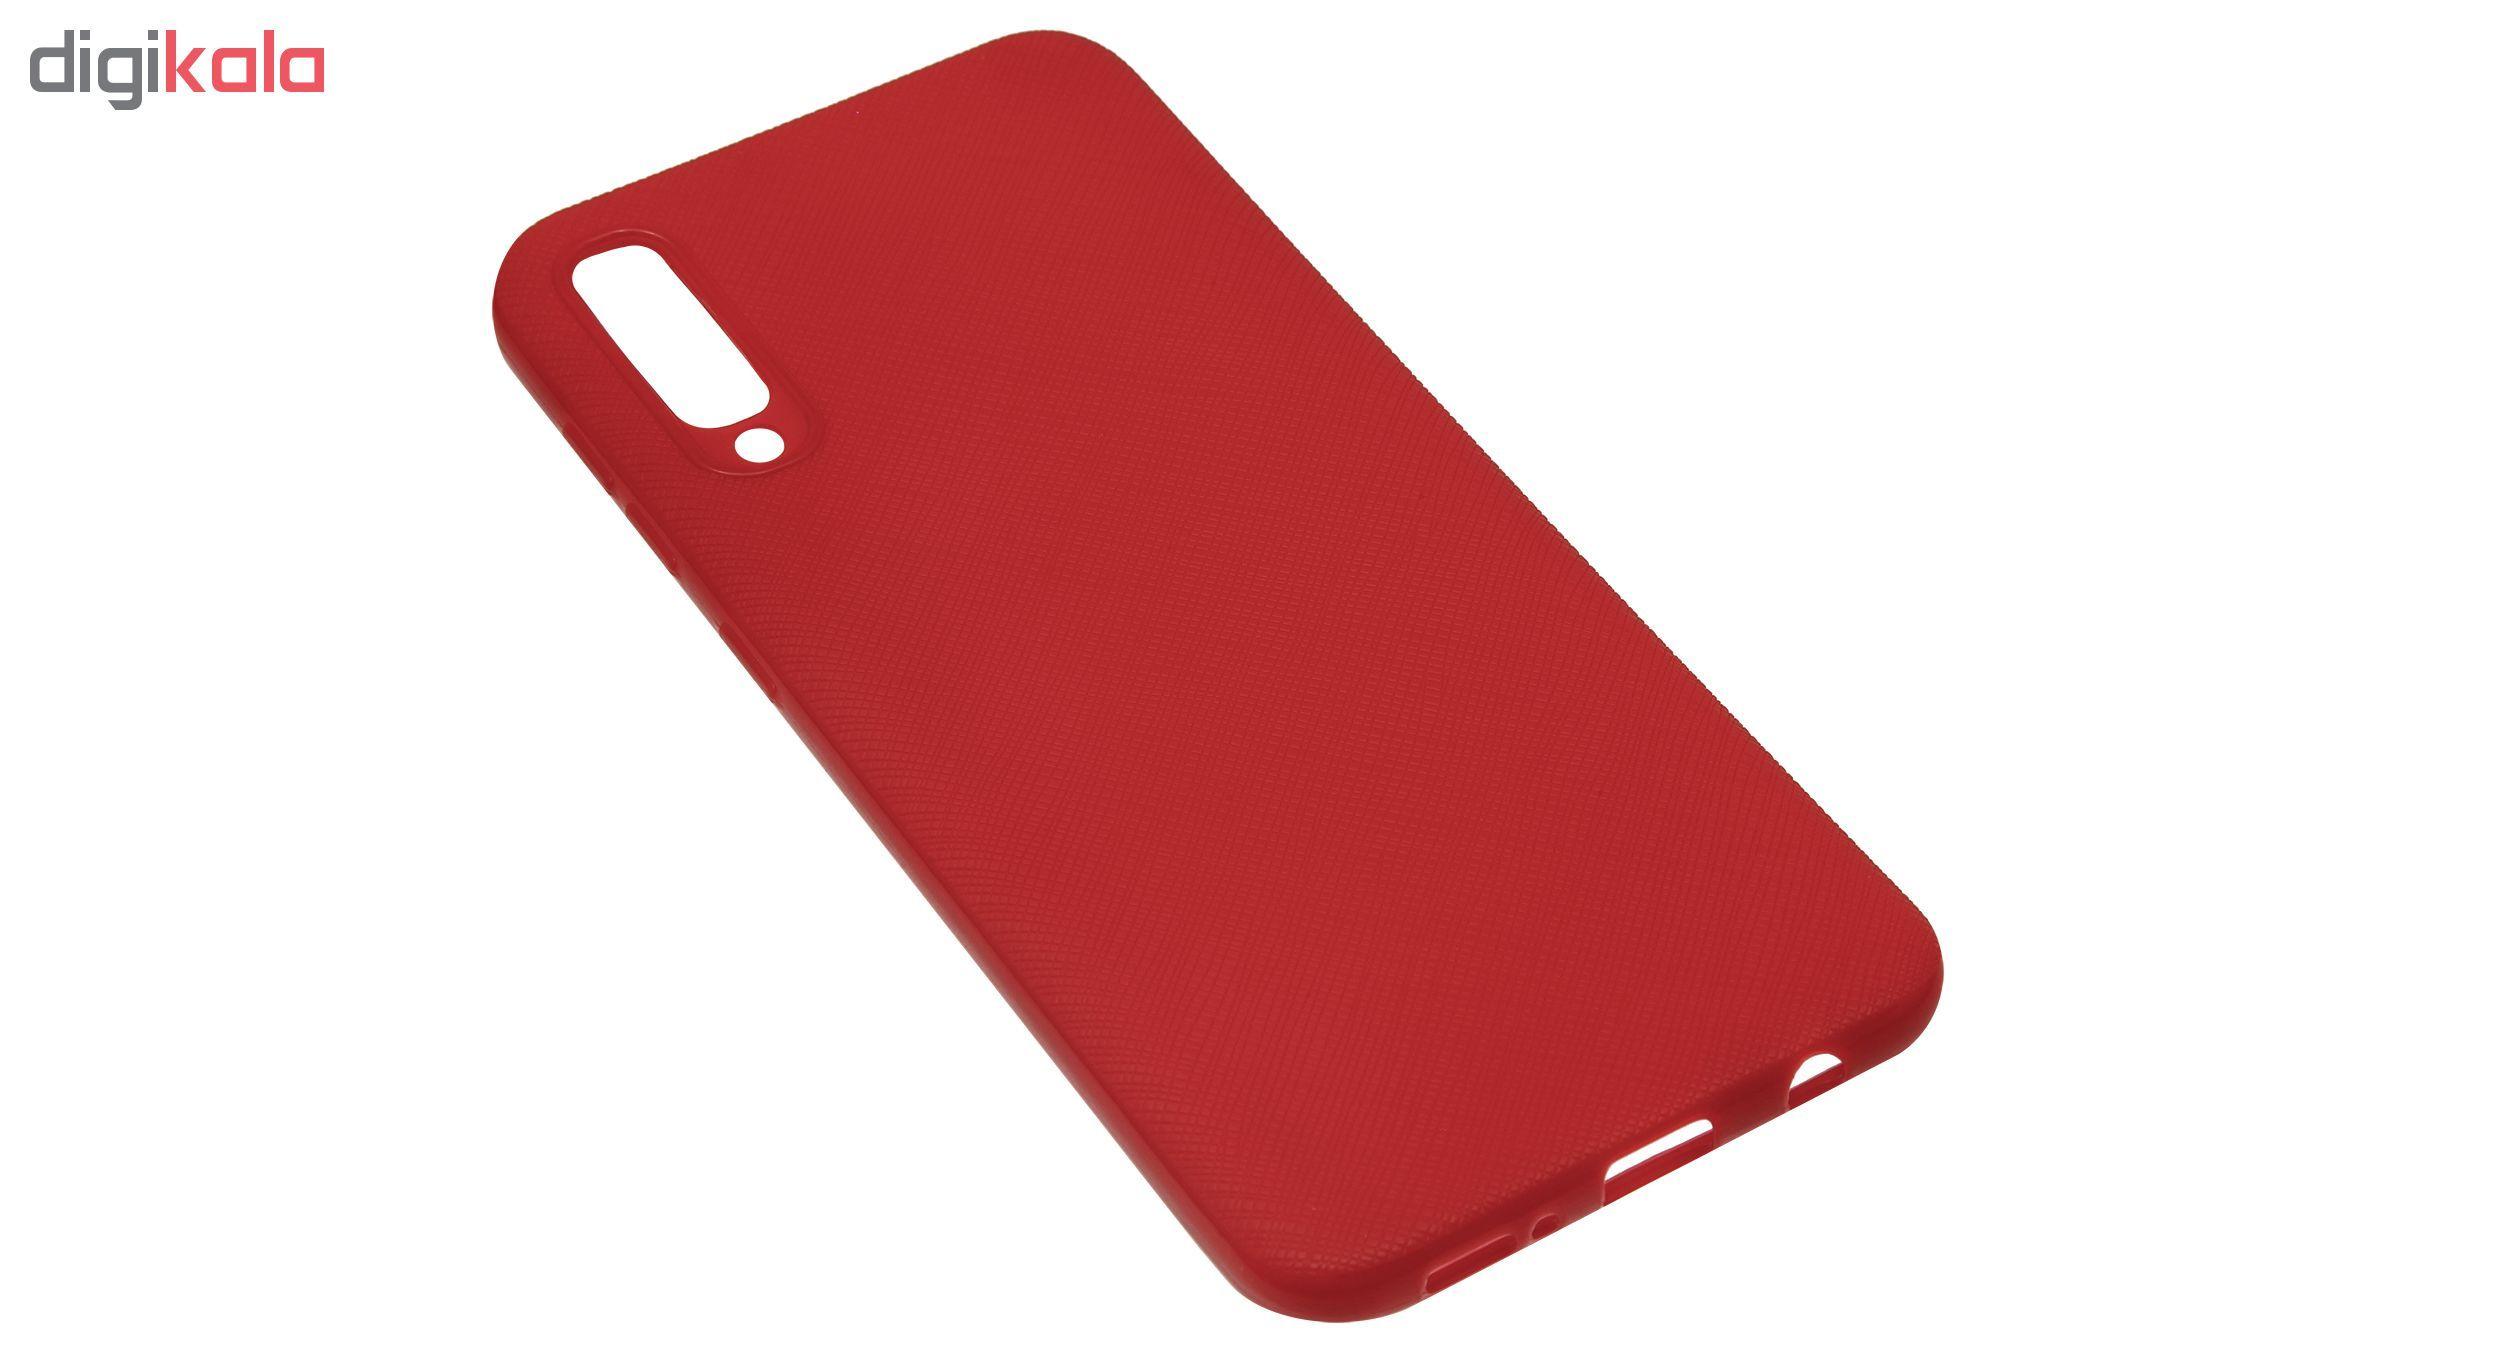 کاور سومگ مدل SC-i001 مناسب برای گوشی موبایل سامسونگ Galaxy A50 main 1 7